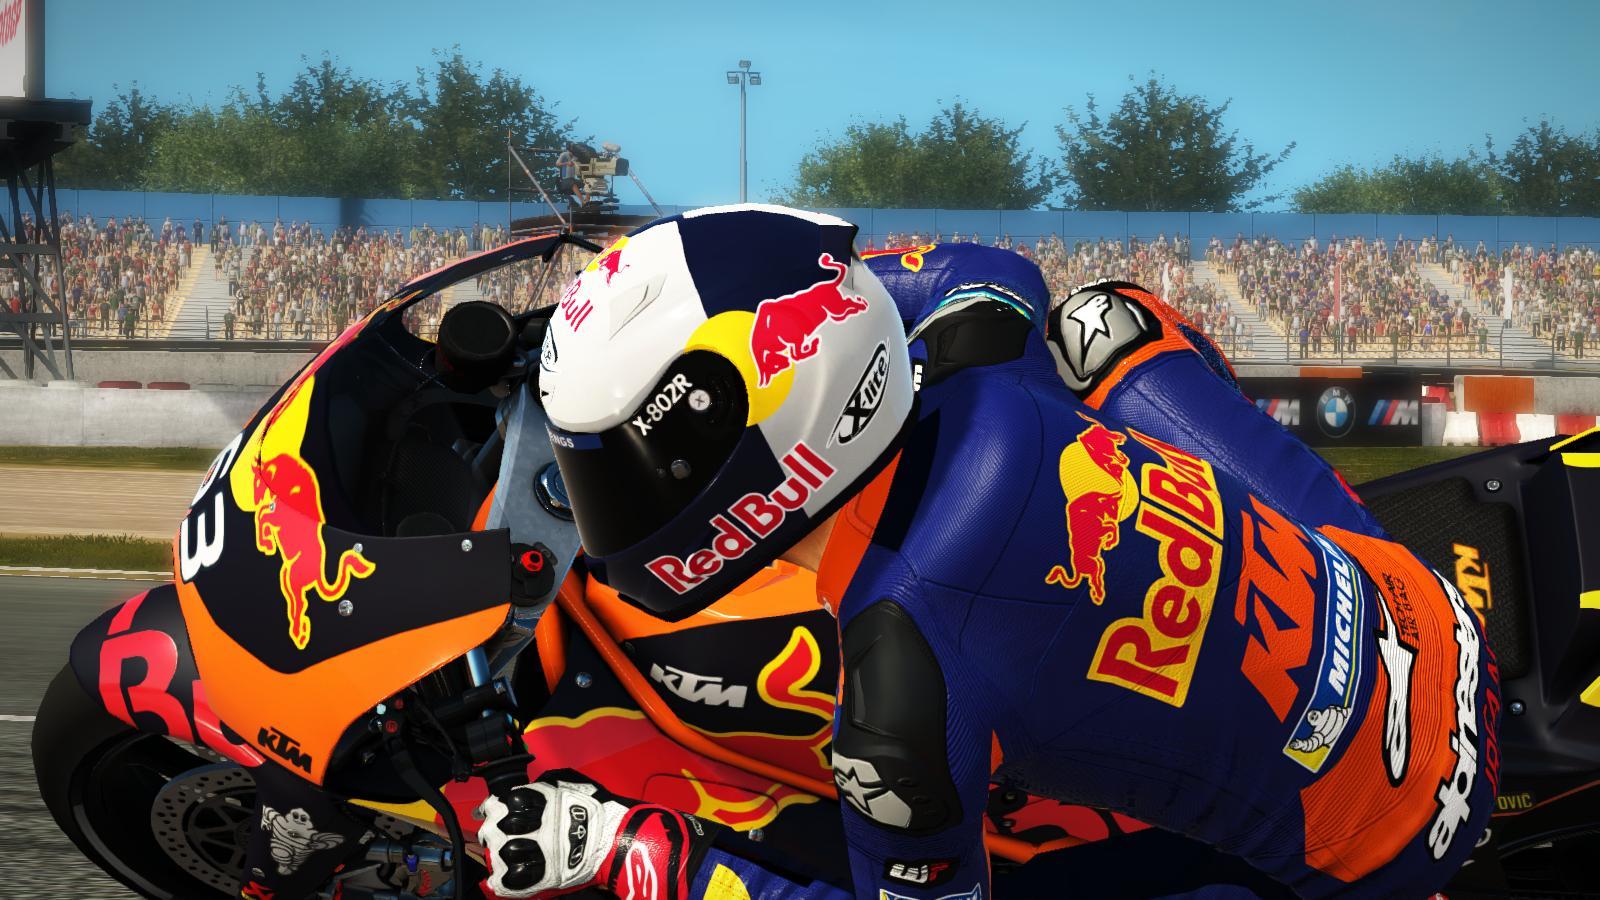 MotoGP17 2017-06-19 17-10-50-30.jpg